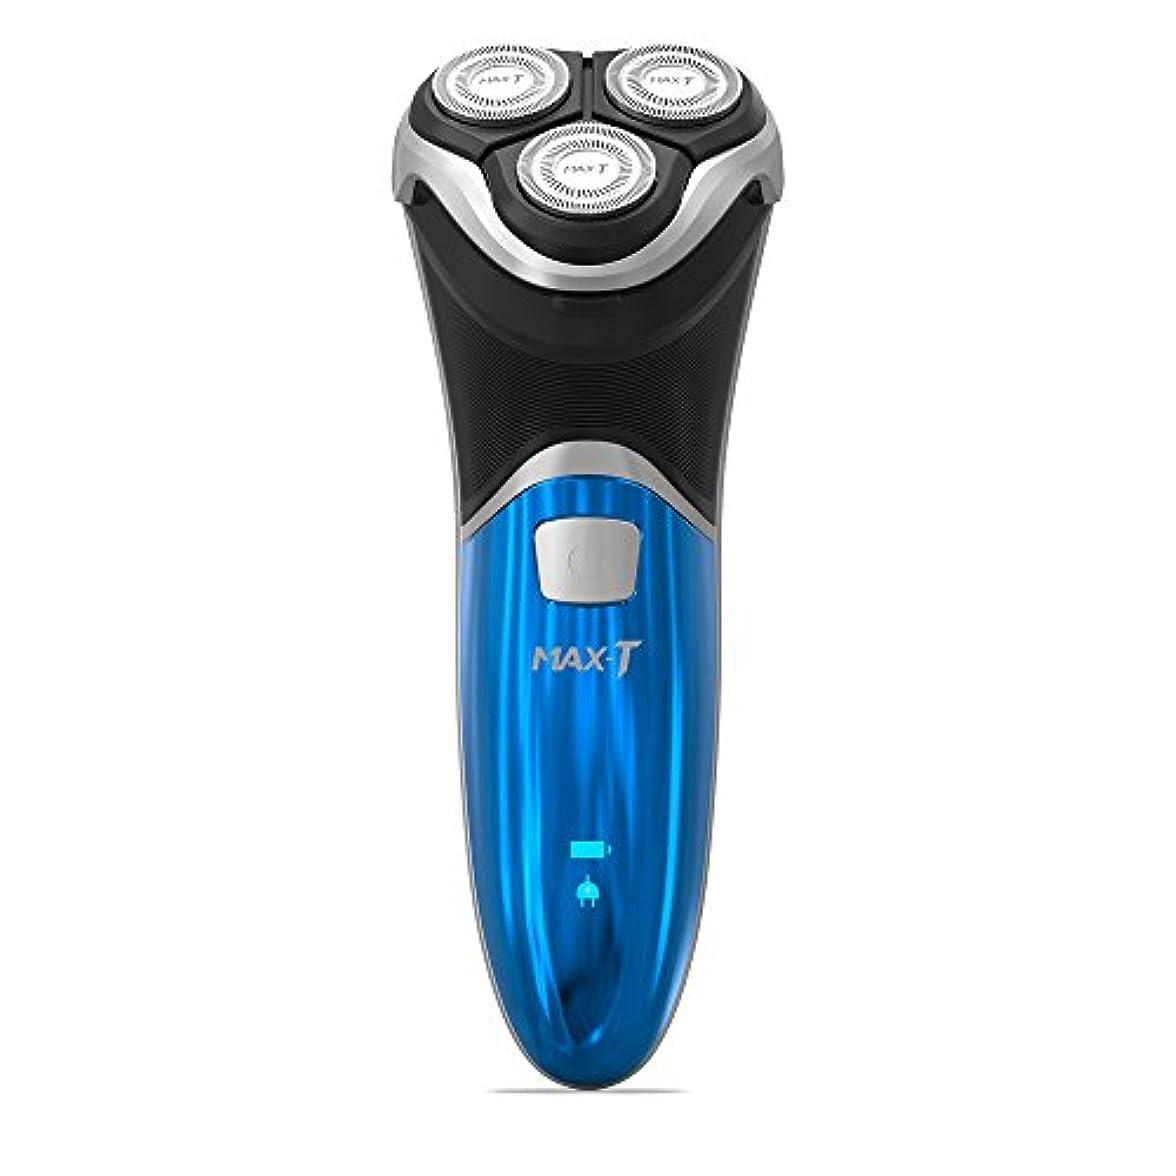 調停するランク膨張するシェーバー 3枚刃 IPX7級防水 お風呂剃り可 Micro USB充電 トリマー付属 MAX-T RMS6101 (RMS6101)